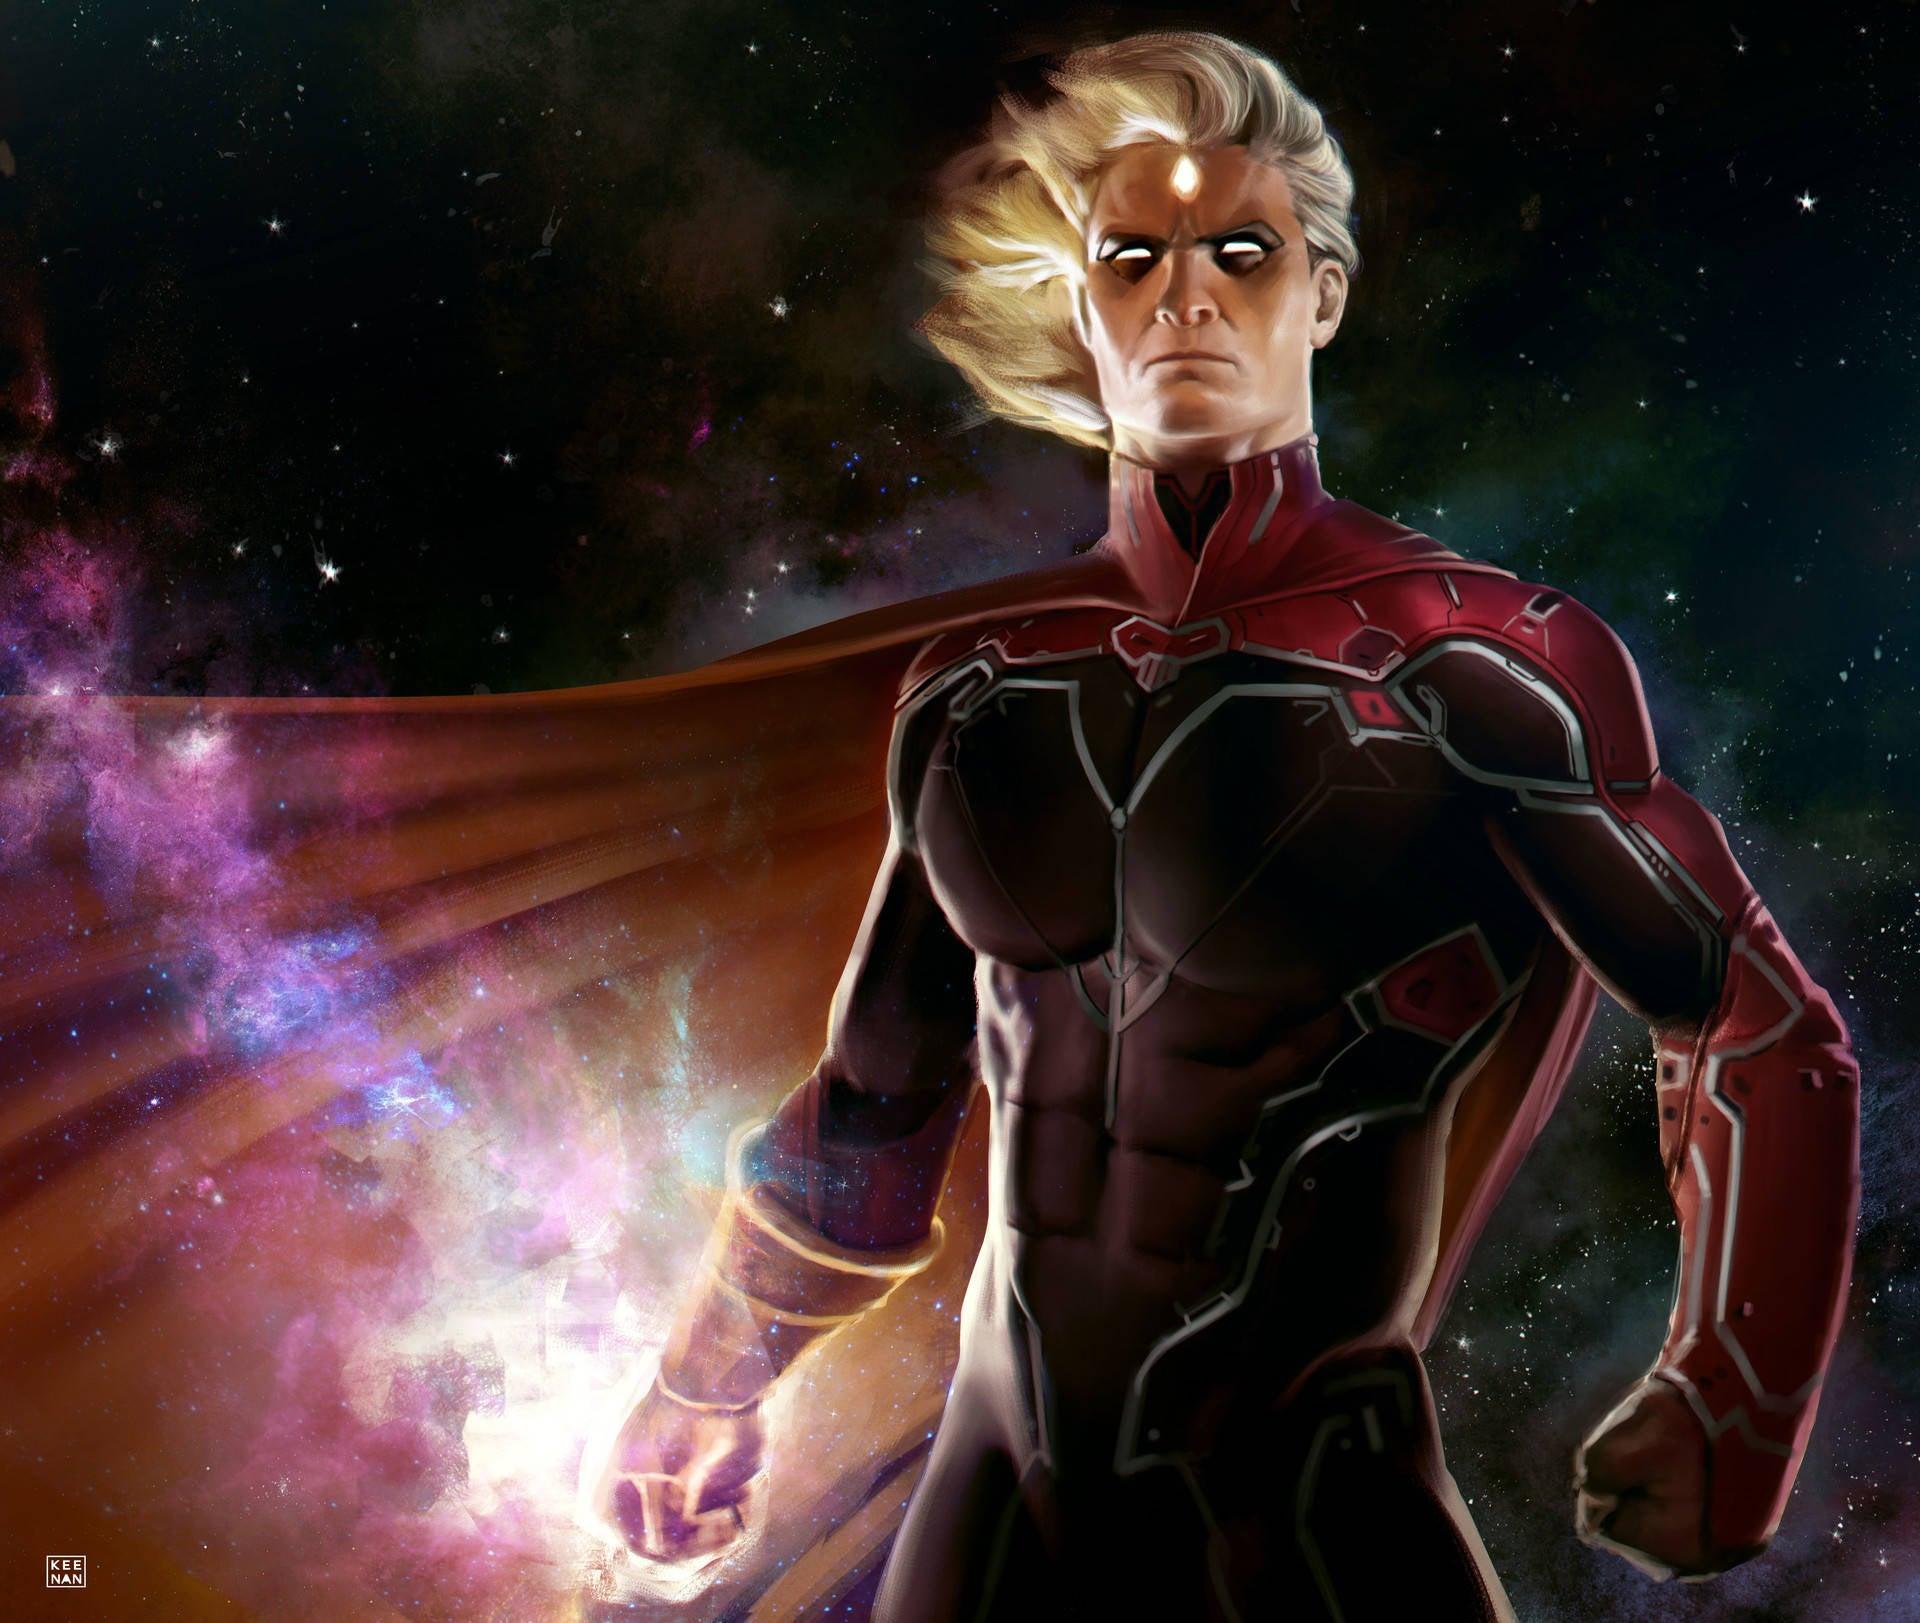 dave-keenan-adam-warlock-infinity-gauntlet